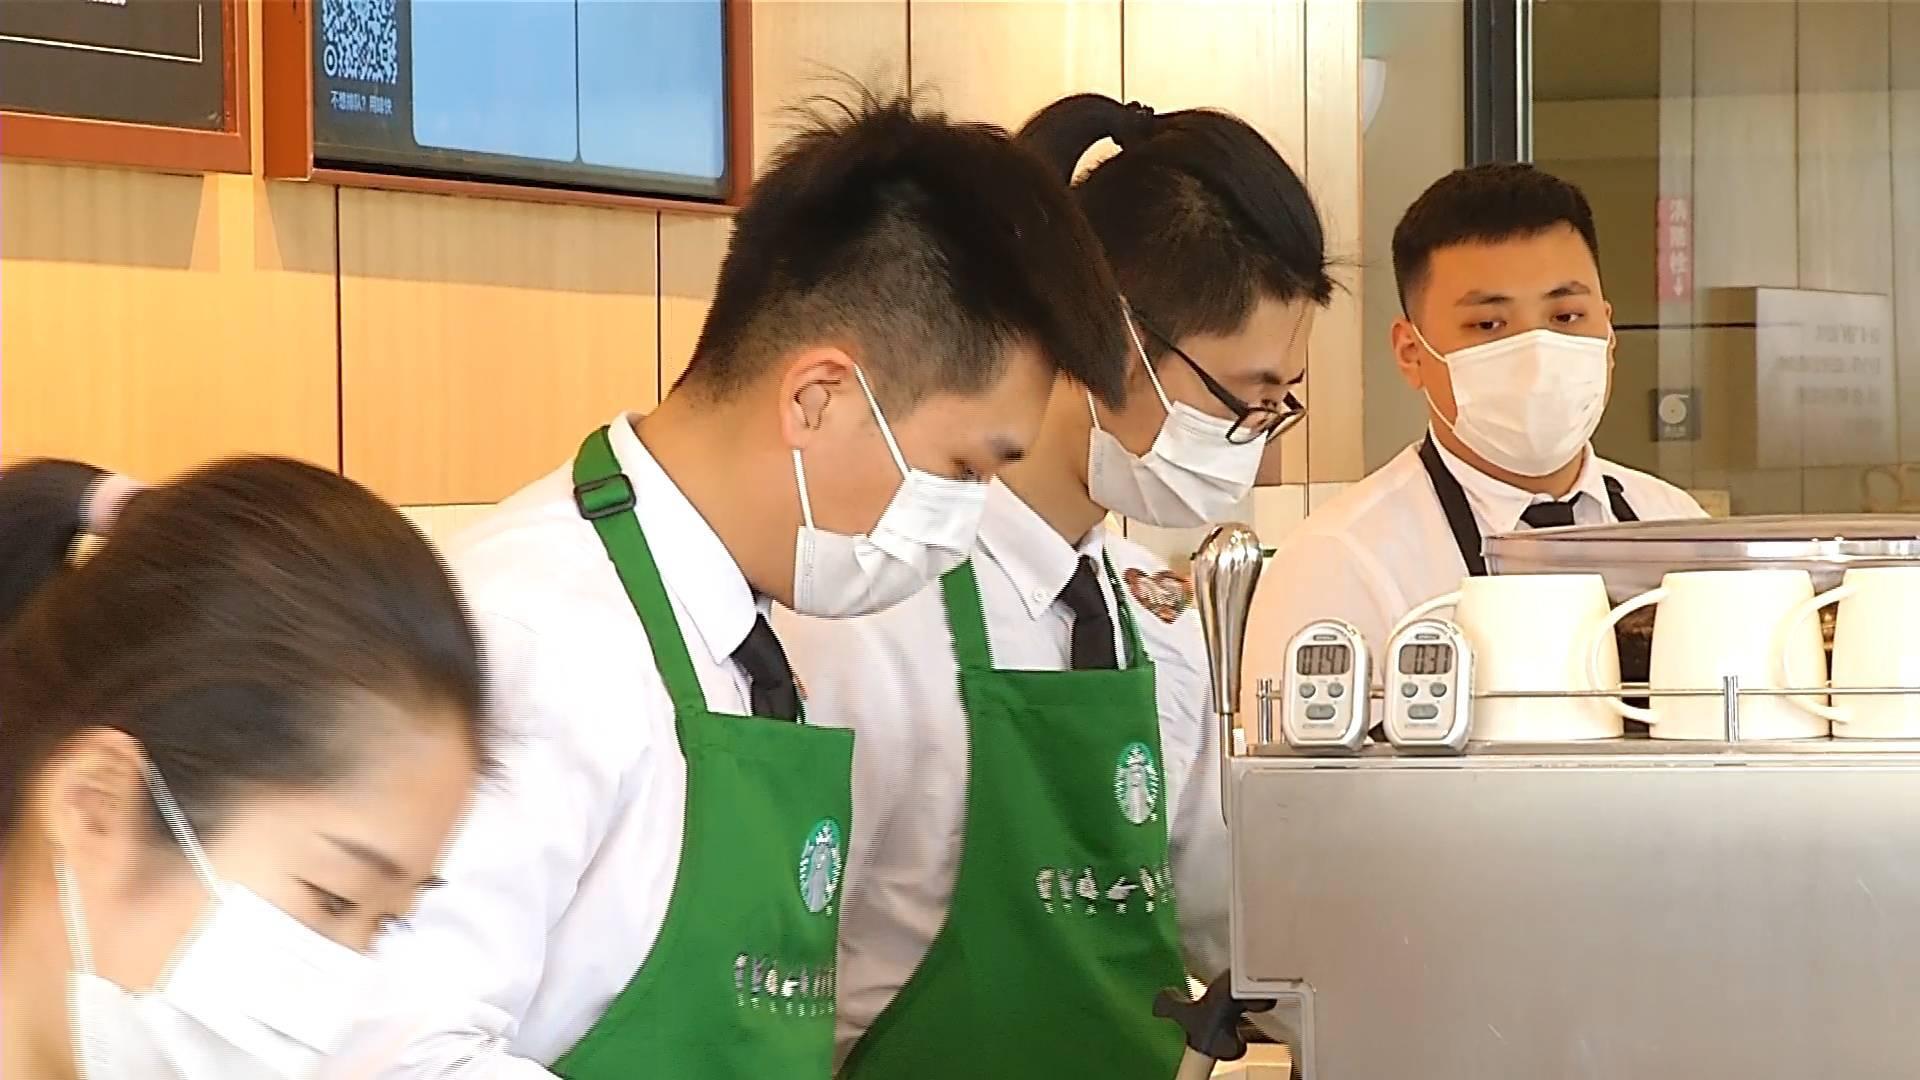 66秒丨把爱和温暖带给顾客 青岛首家手语咖啡厅上线